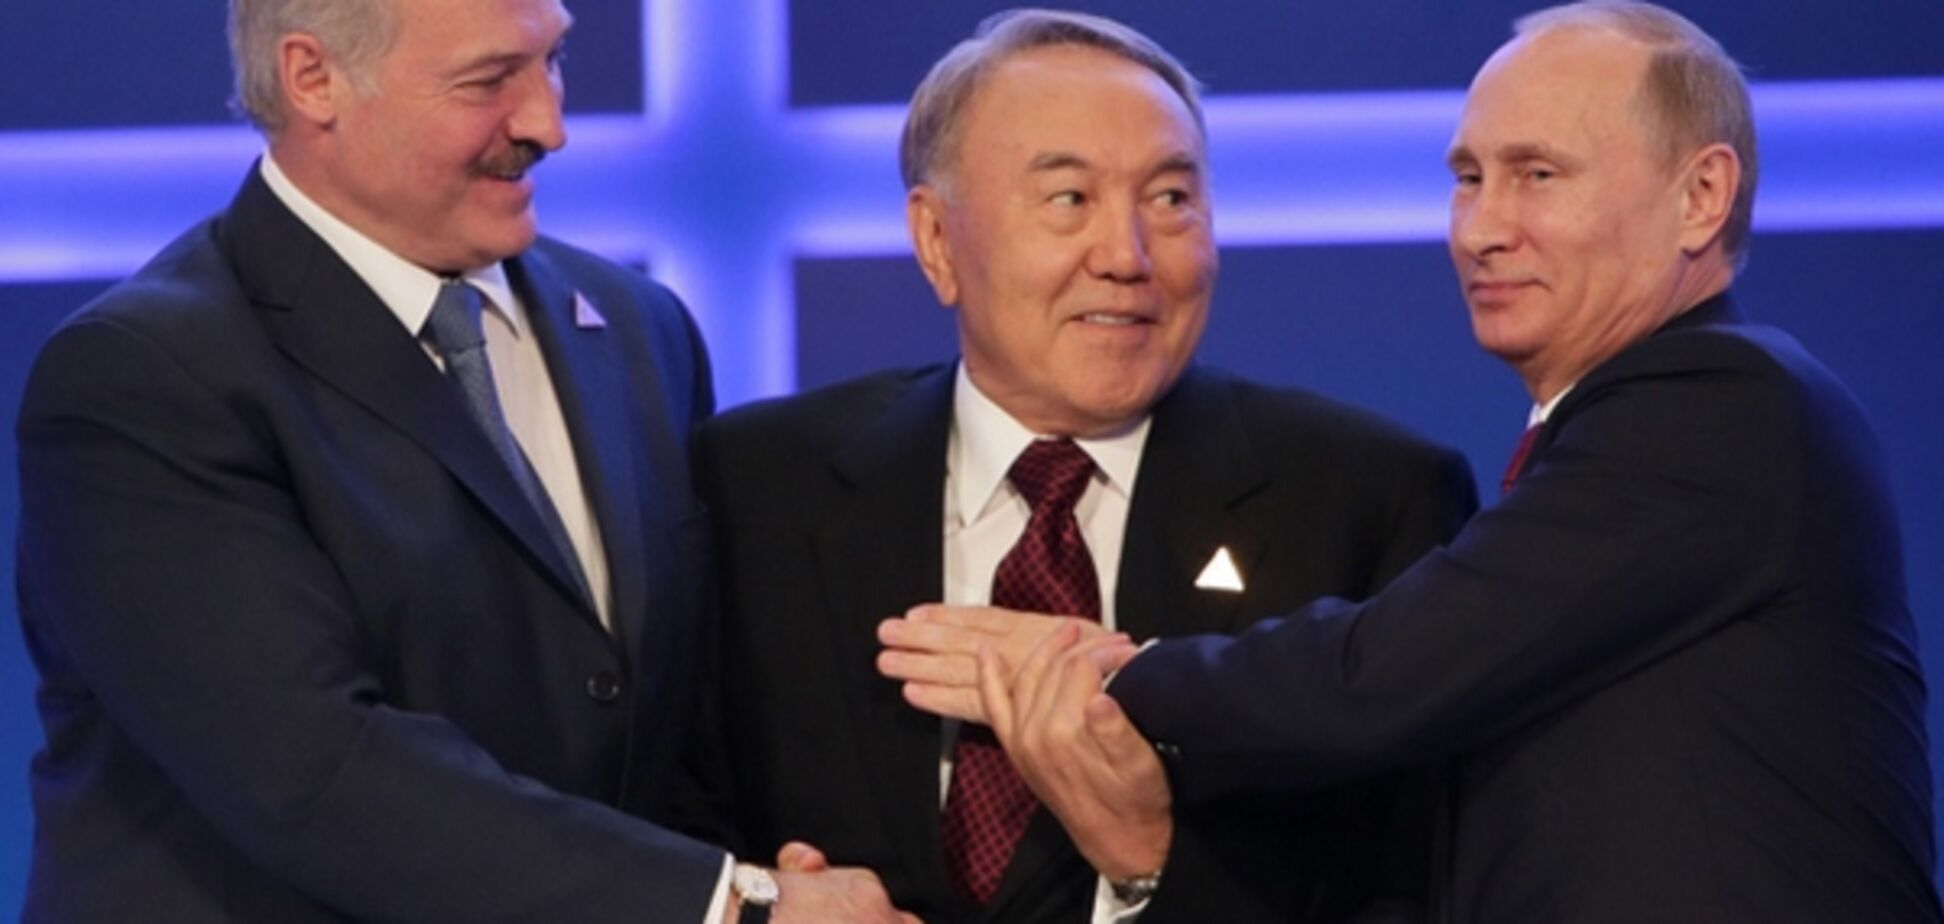 Лукашенка і Назарбаєва не запрошувати: історик дав пораду Путіну